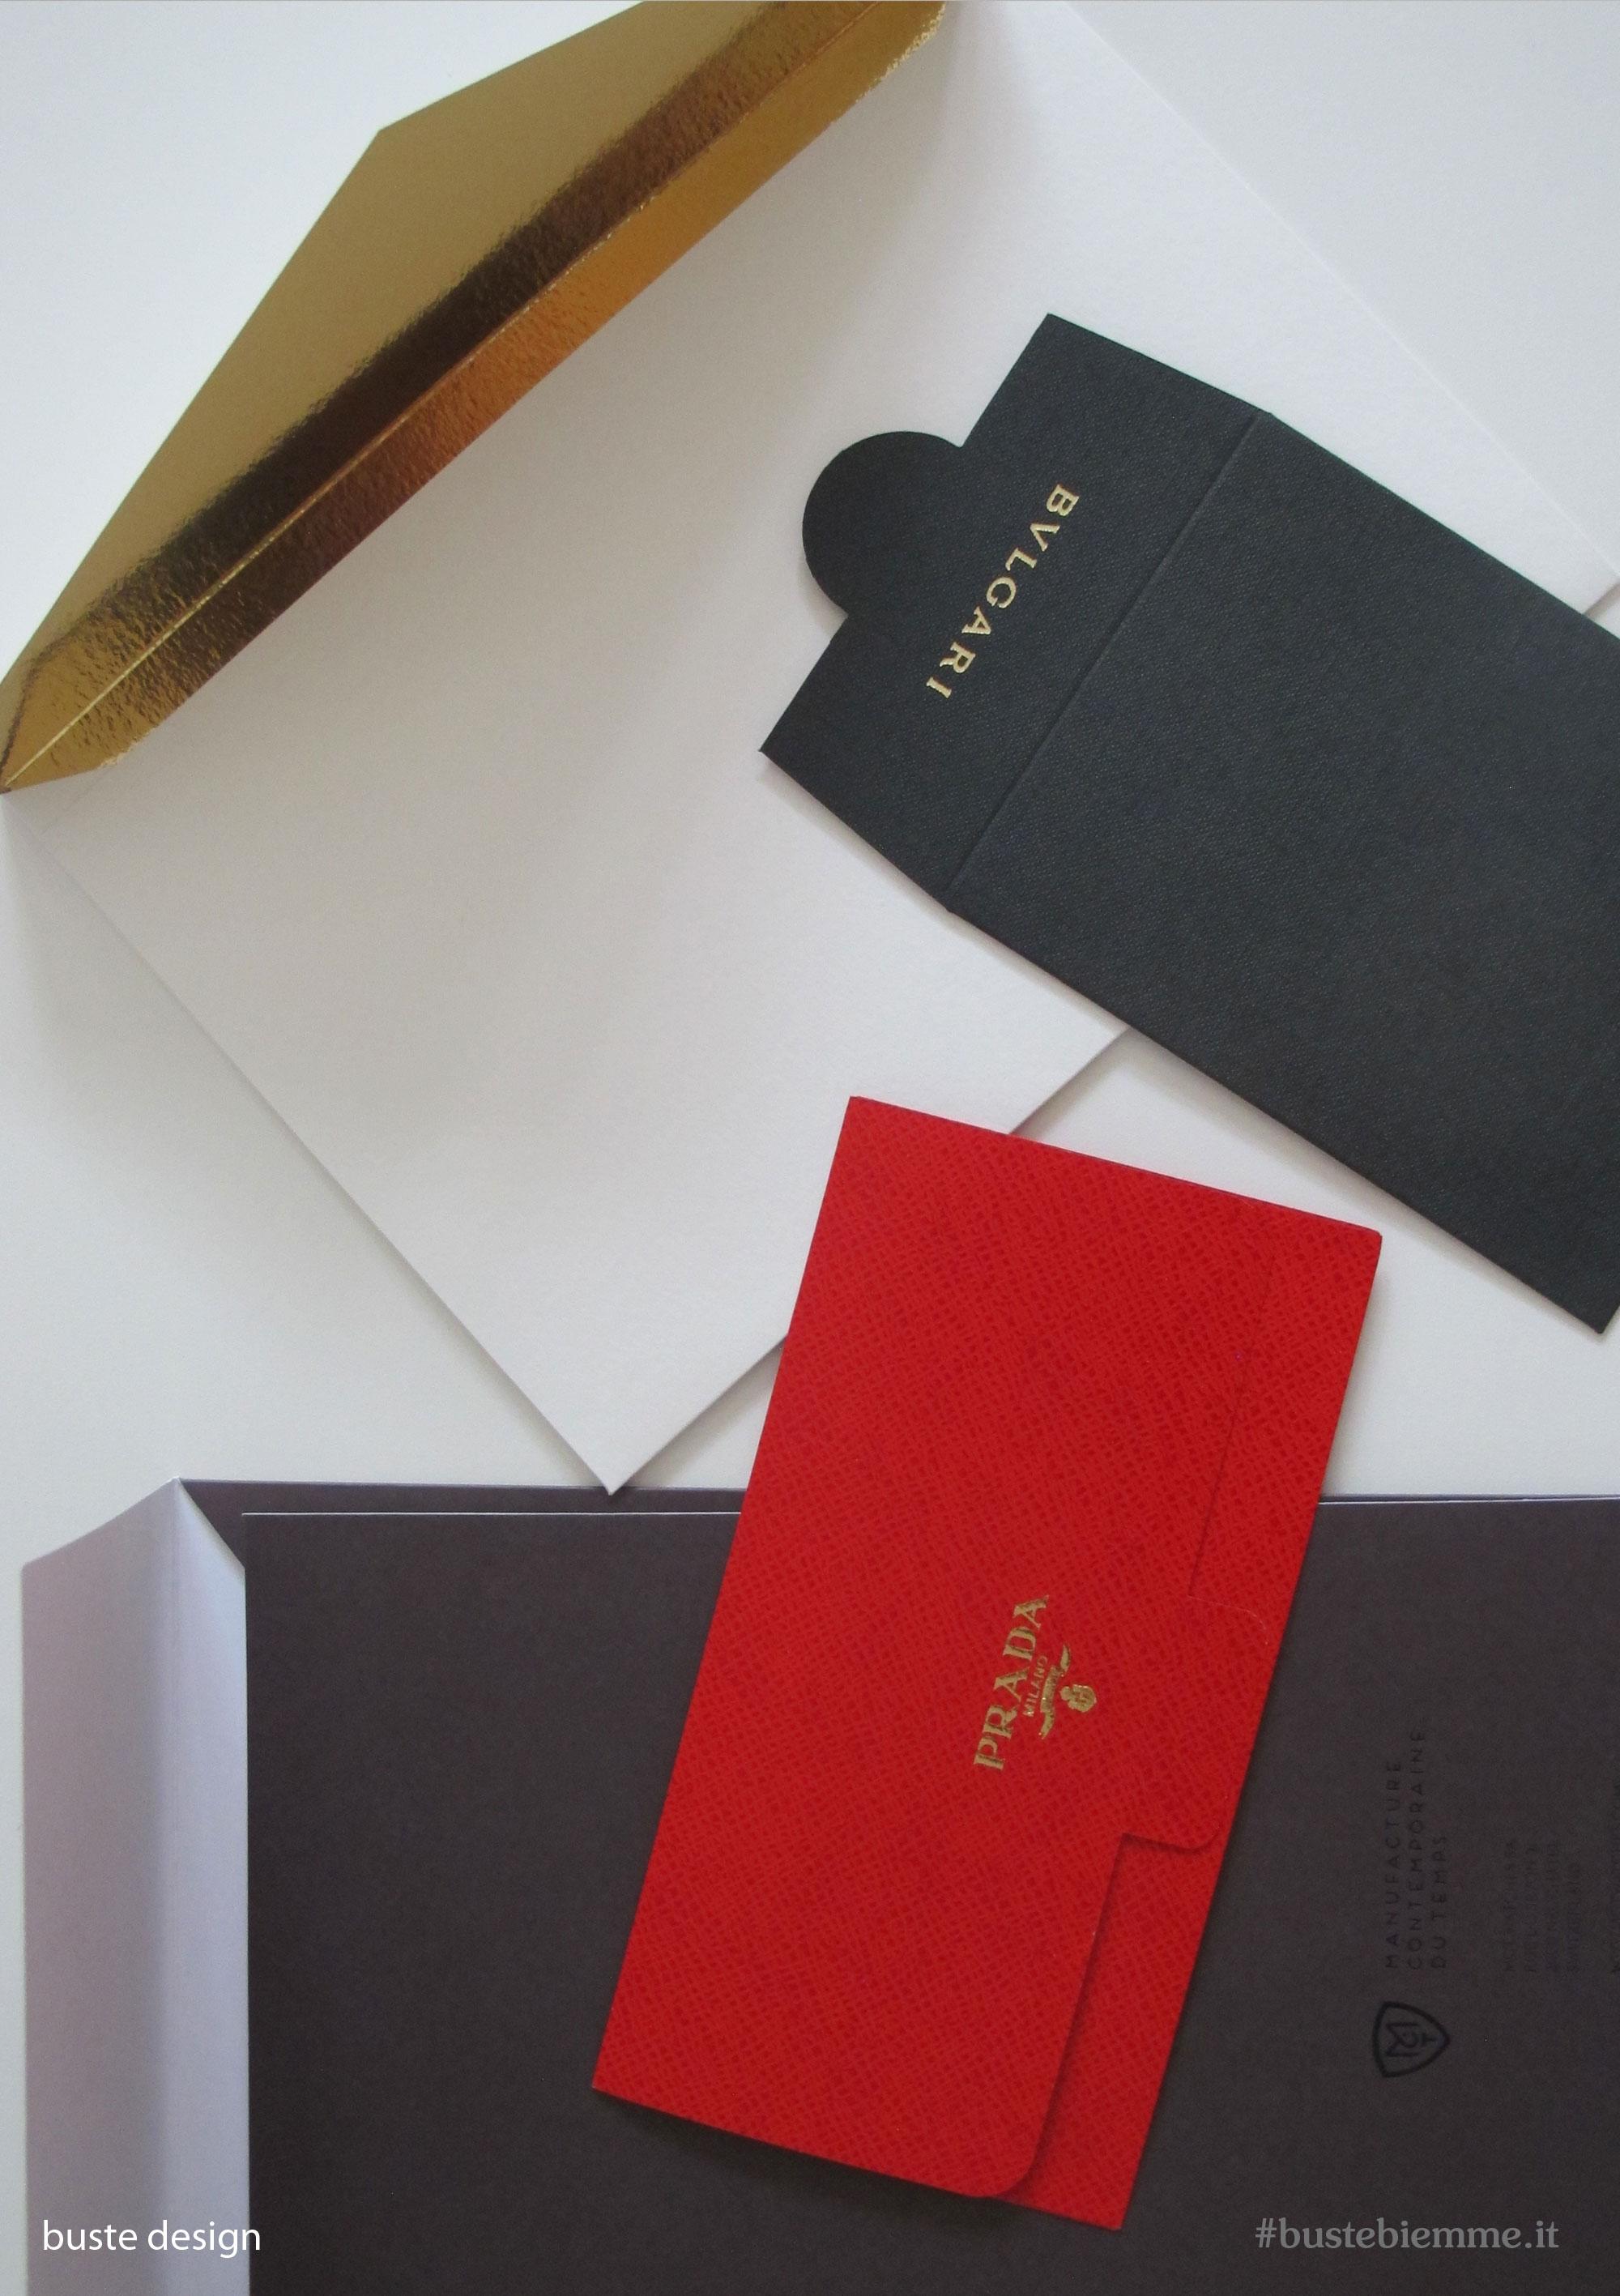 carta goffrata, accoppiata, e effetto pelle per buste design